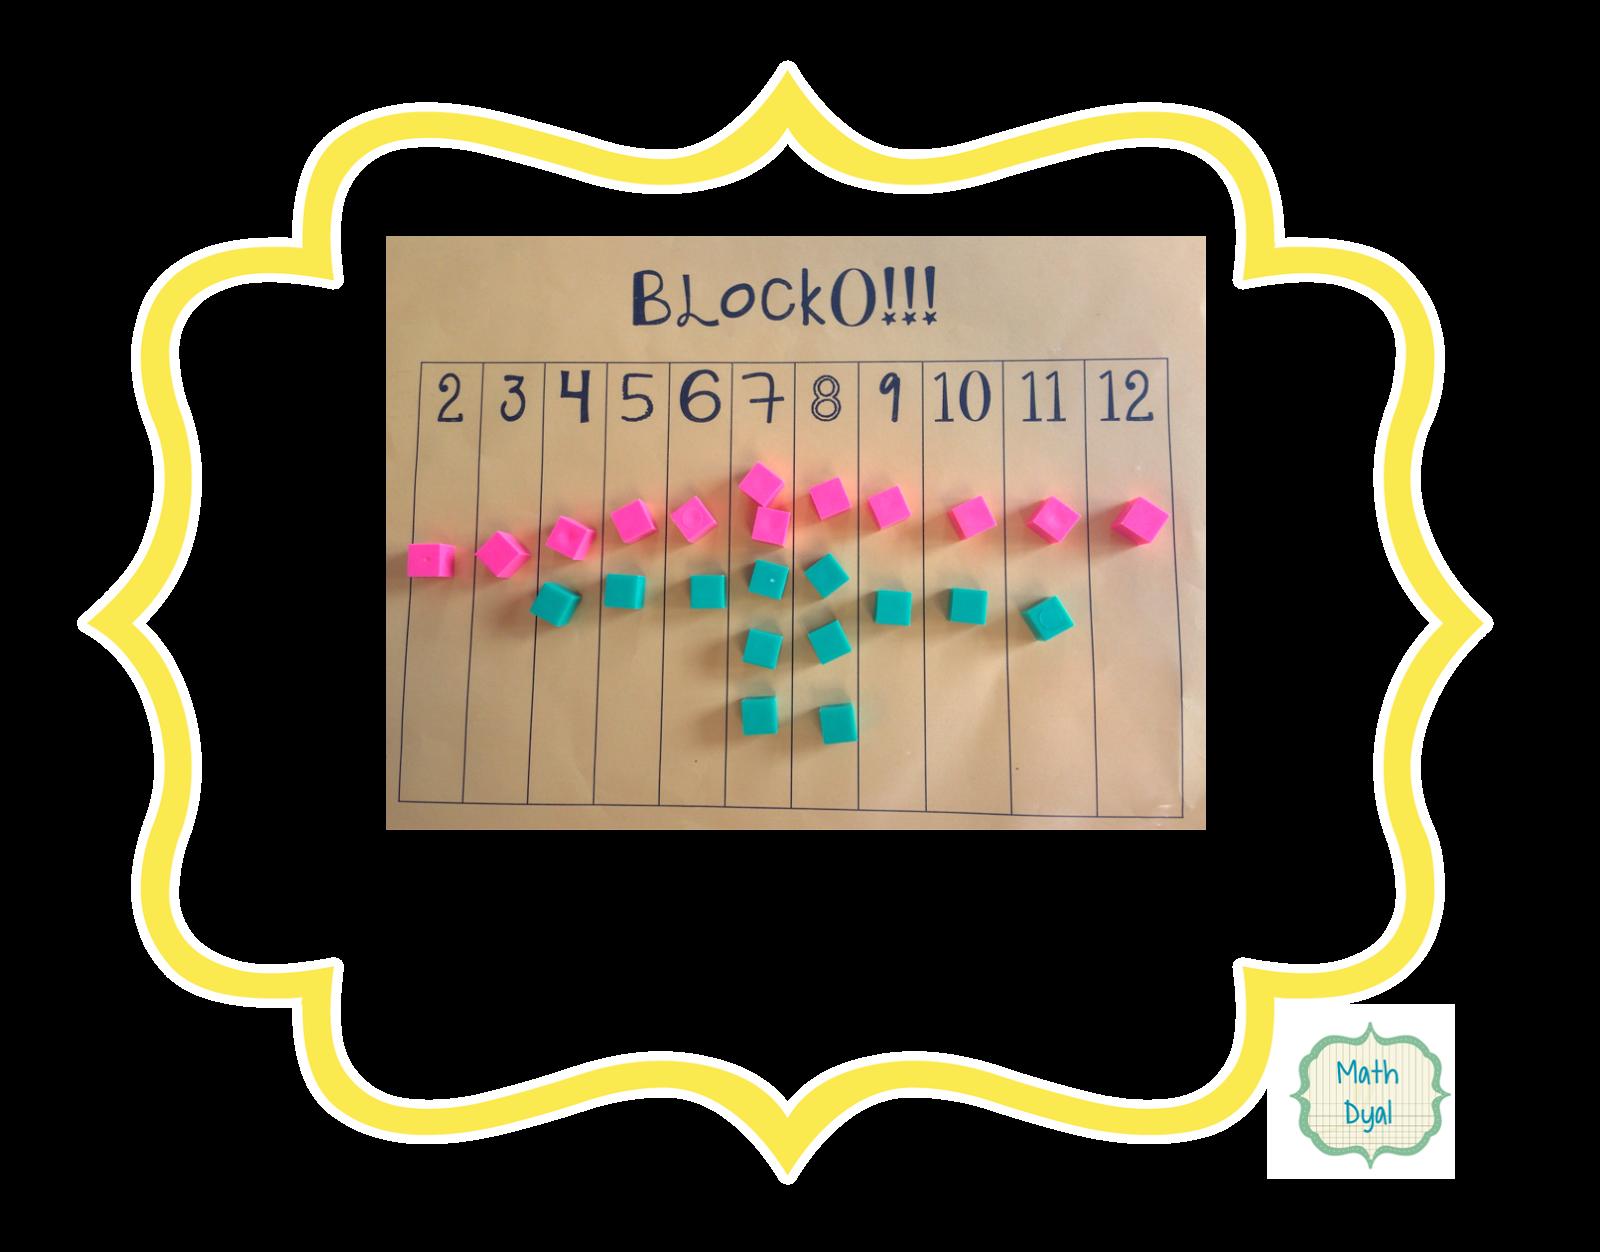 Math Dyal Blocko